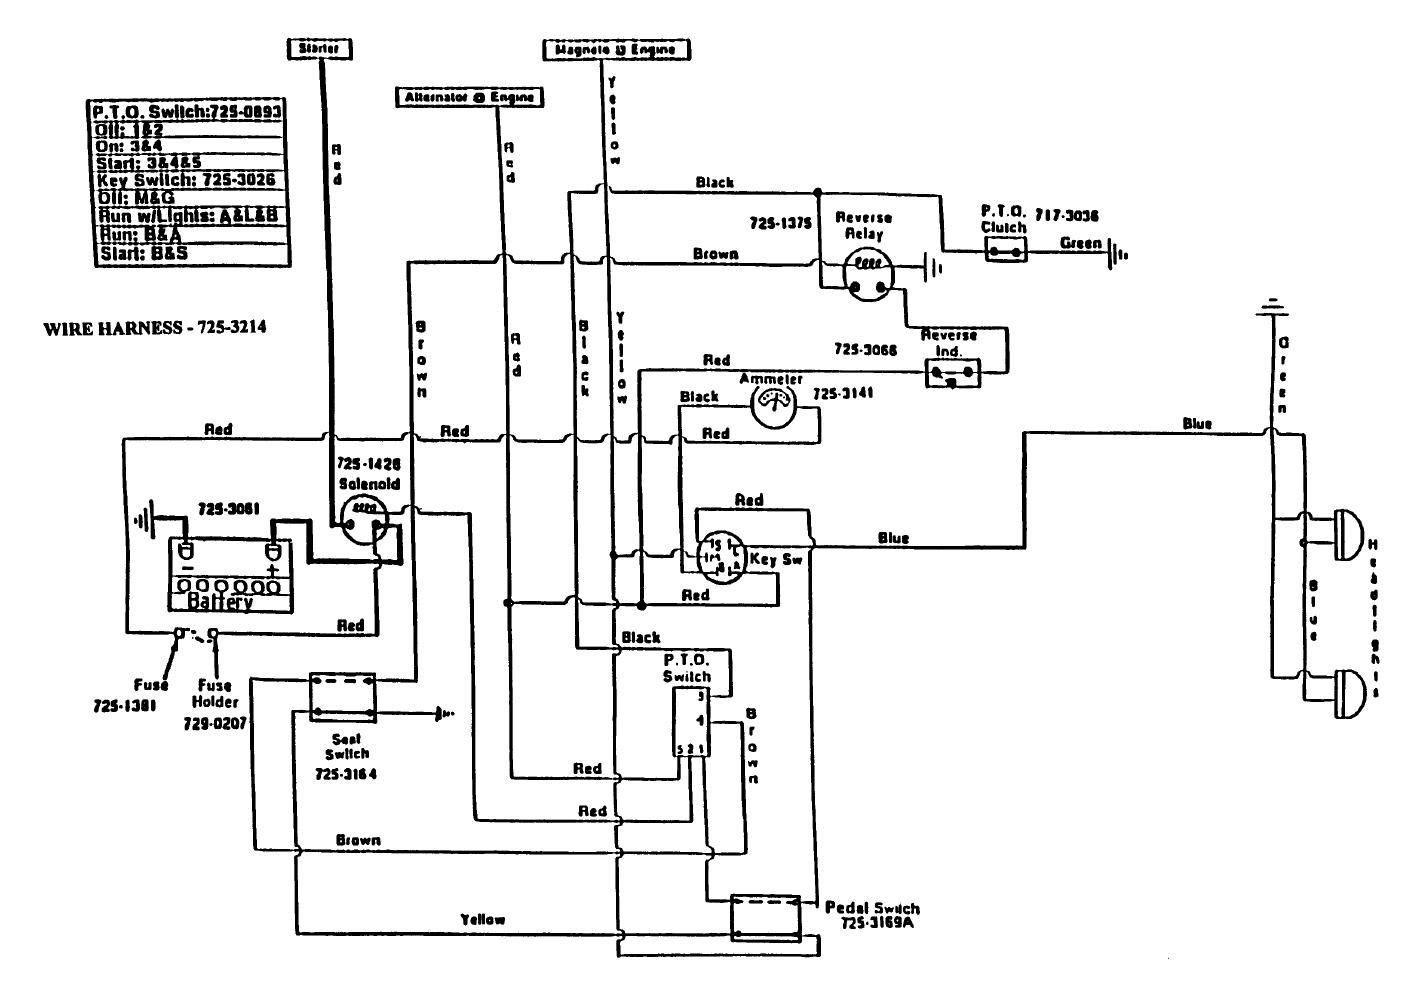 Wiring Diagram Xt2 Cub Cadet